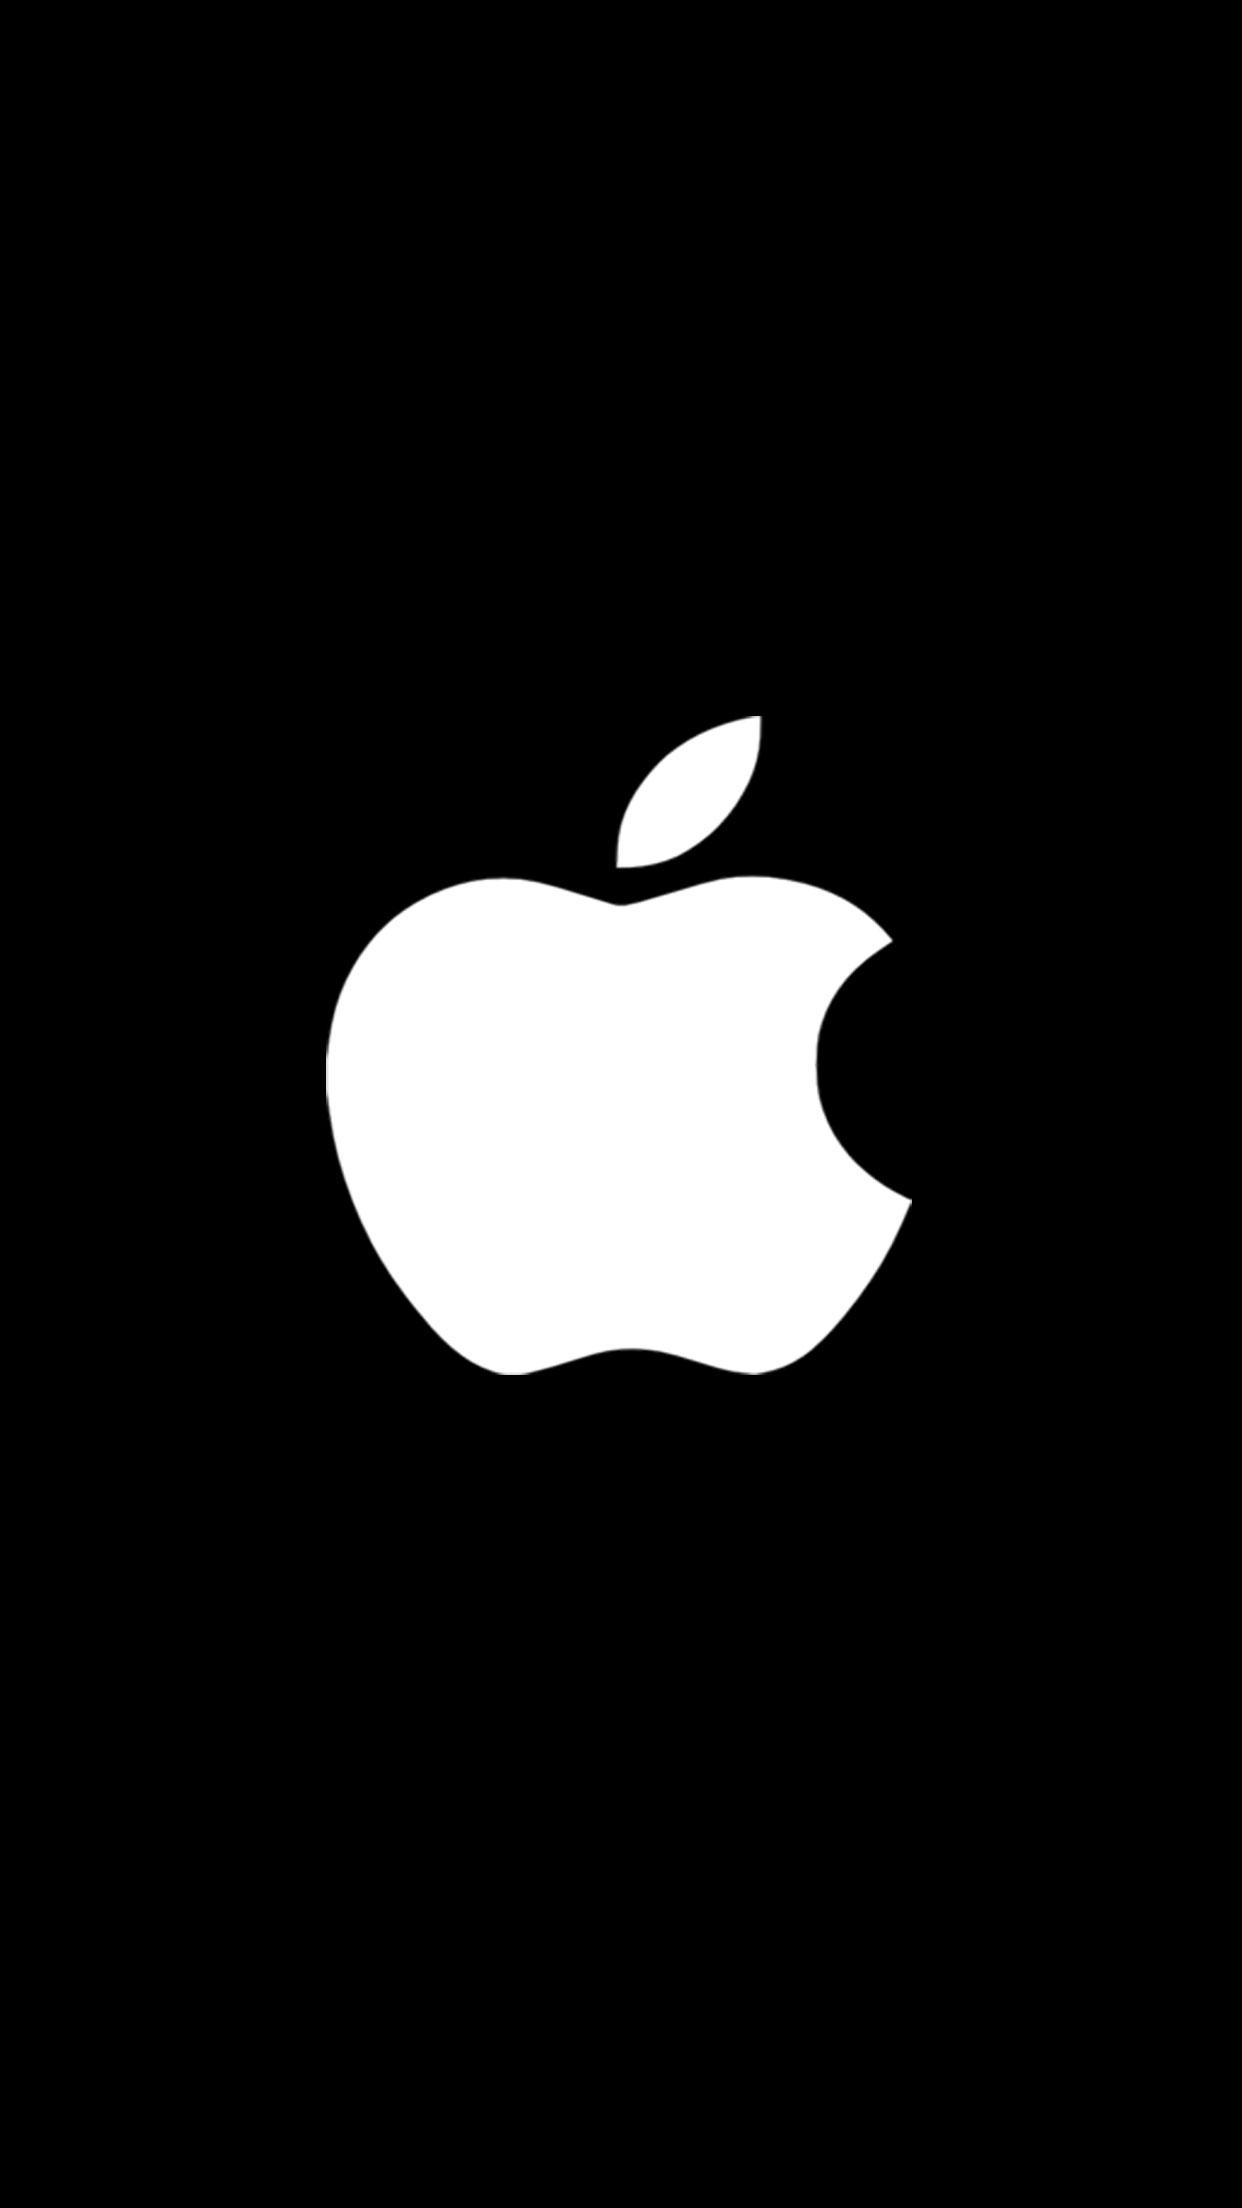 خلفيات ايفون 6 بلس السوداء الأصلية واجمل خلفيات Iphone عالم الصور